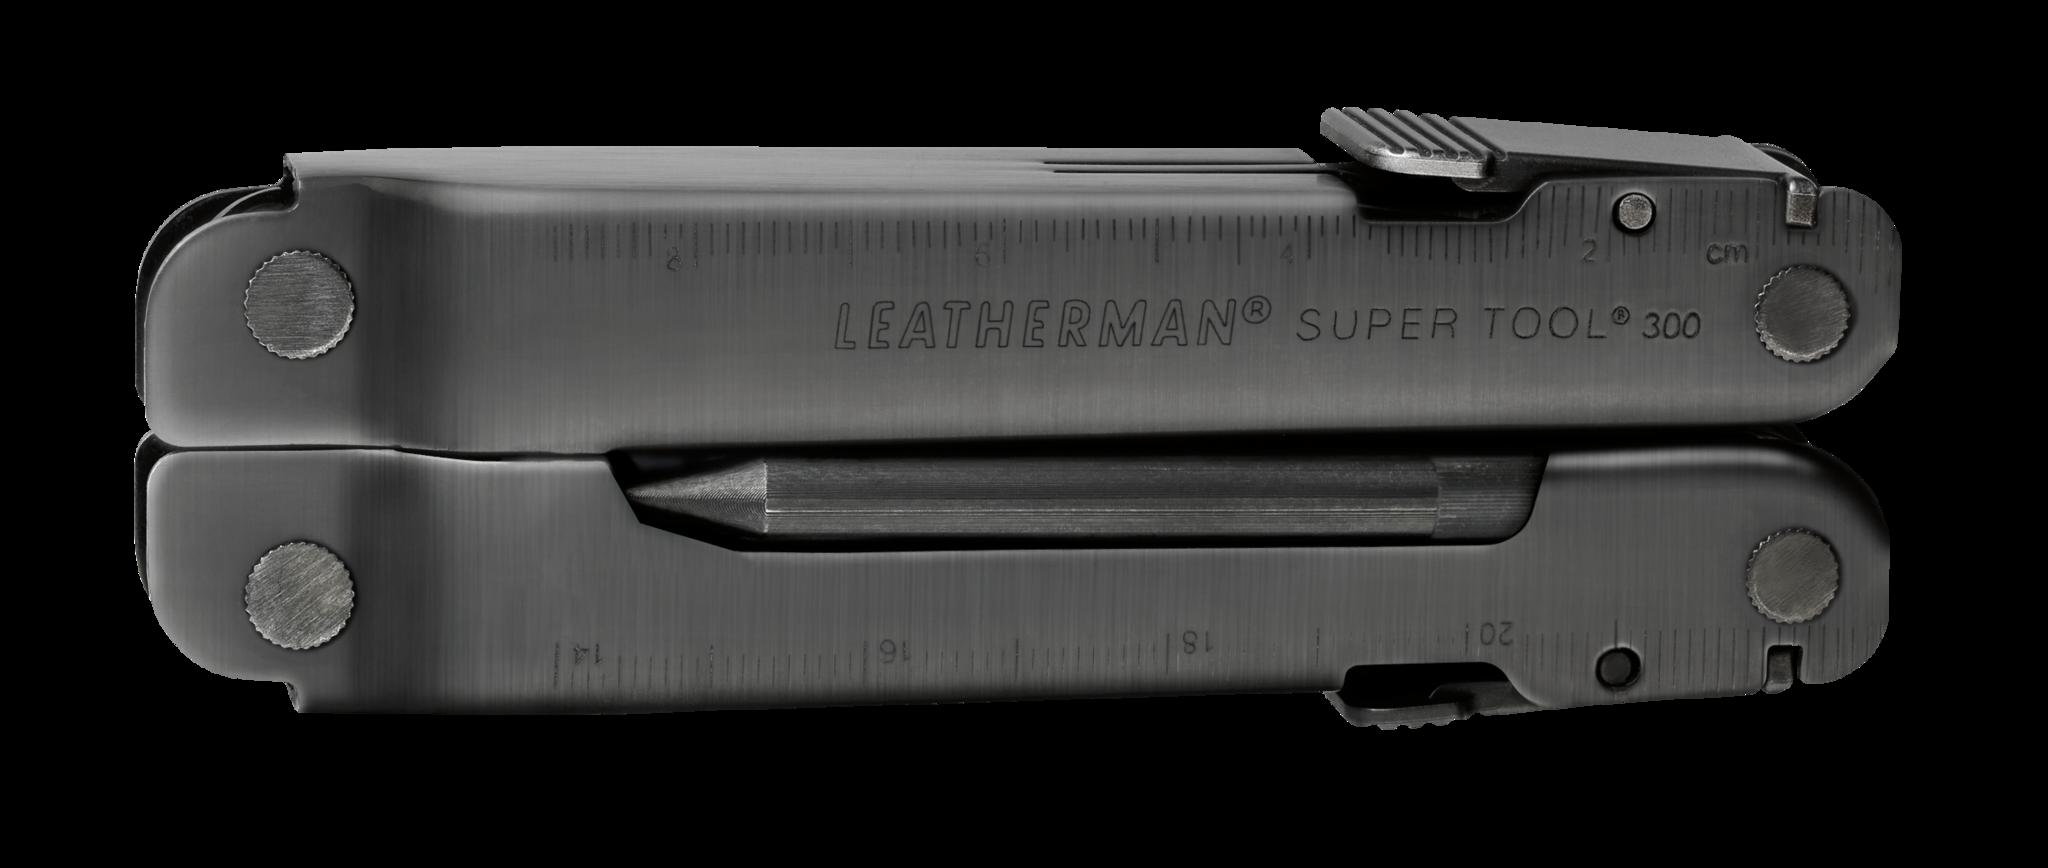 Мультитул Leatherman SuperTool 300 EOD, 19 функций, нейлоновый чехол